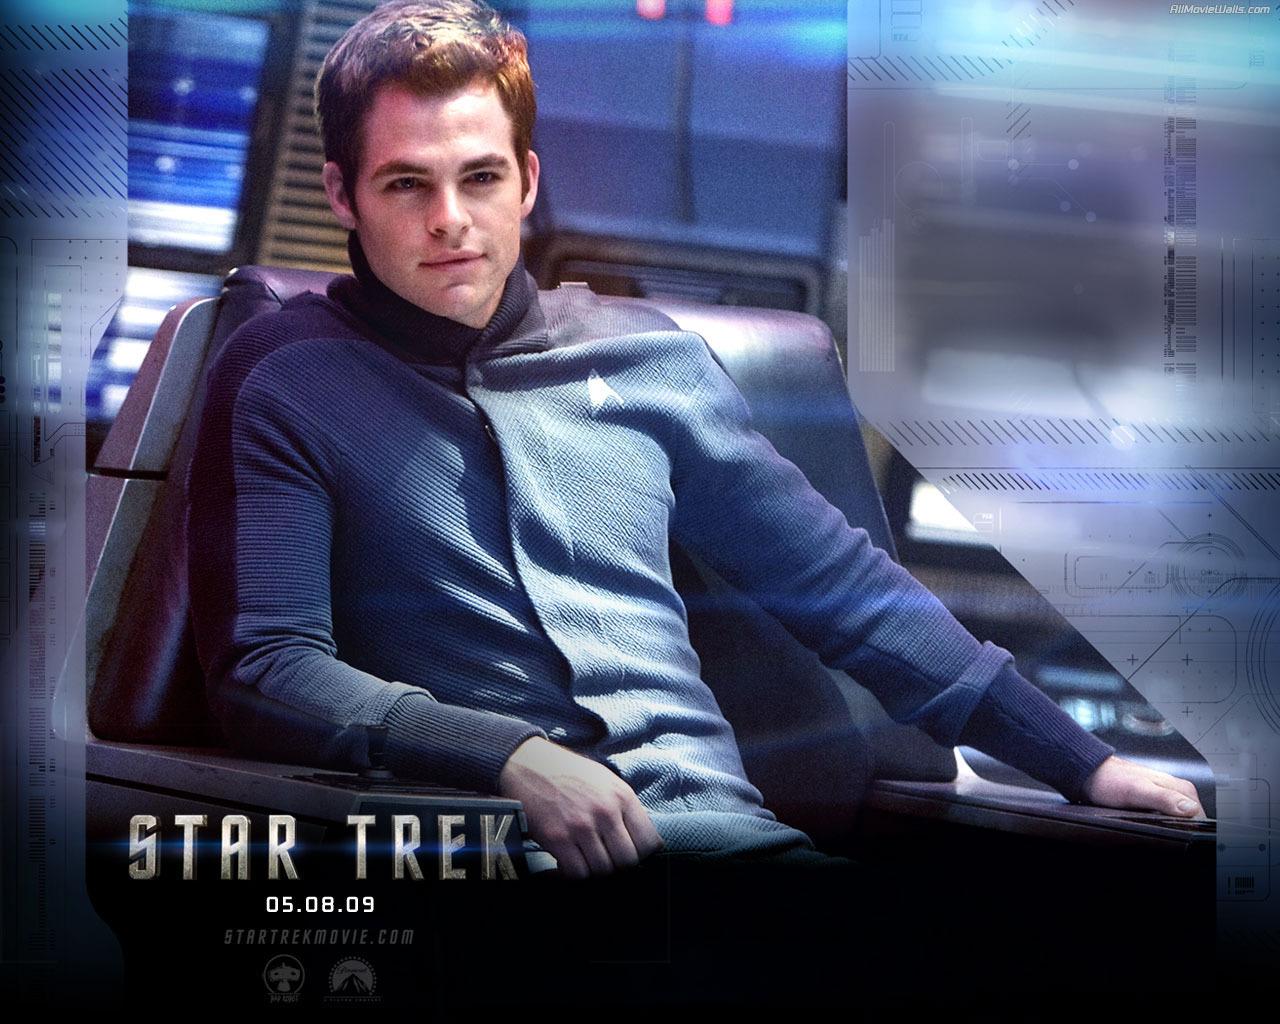 Star Trek 2009   Movies Wallpaper 6444060 1280x1024